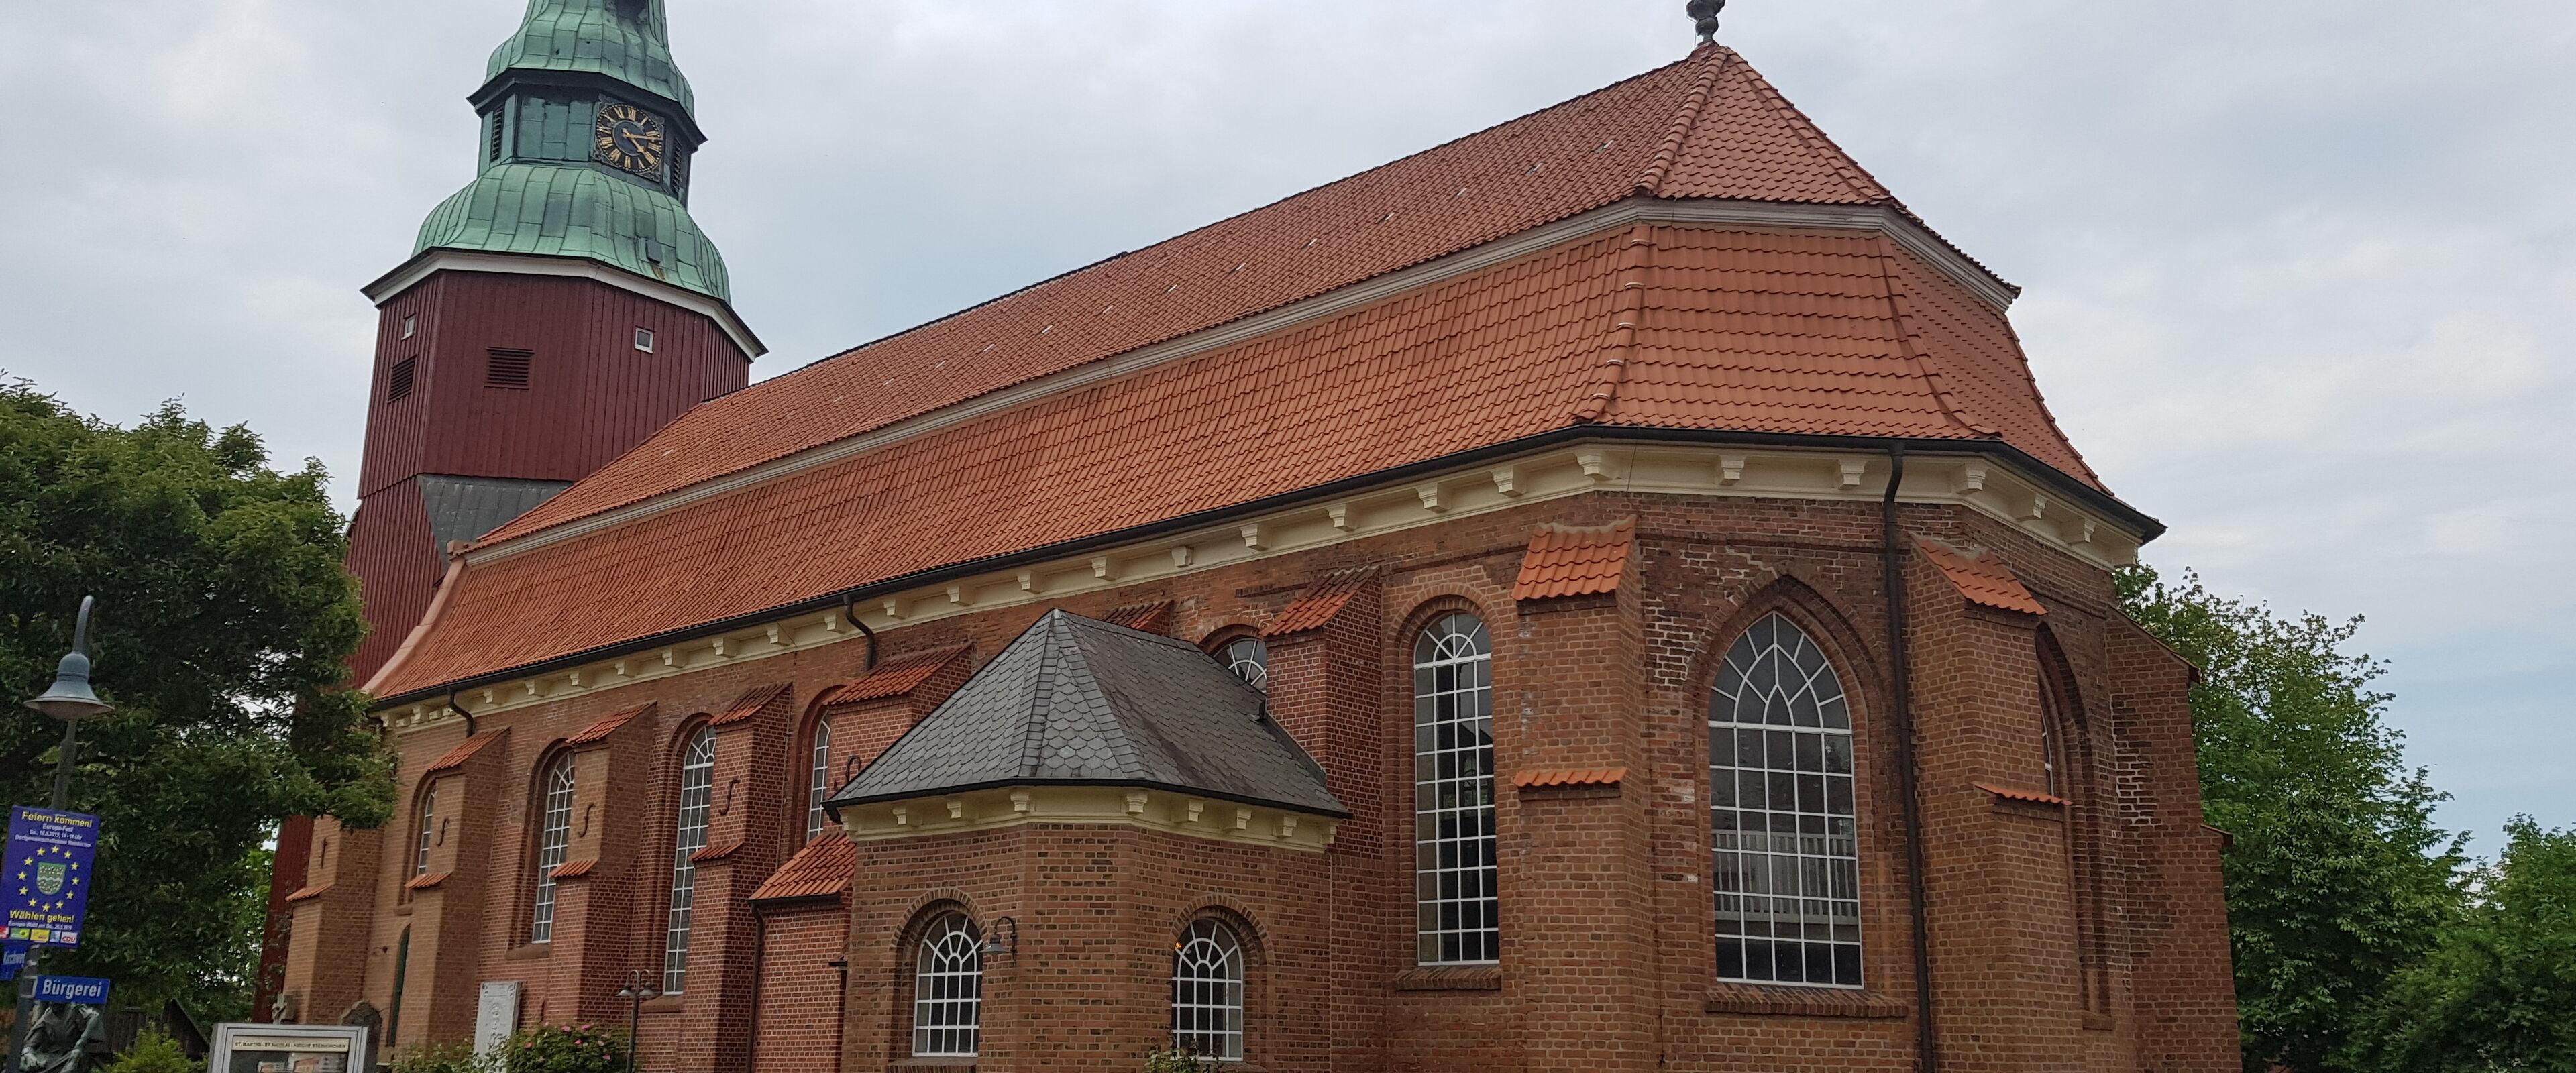 Kirche vollbild